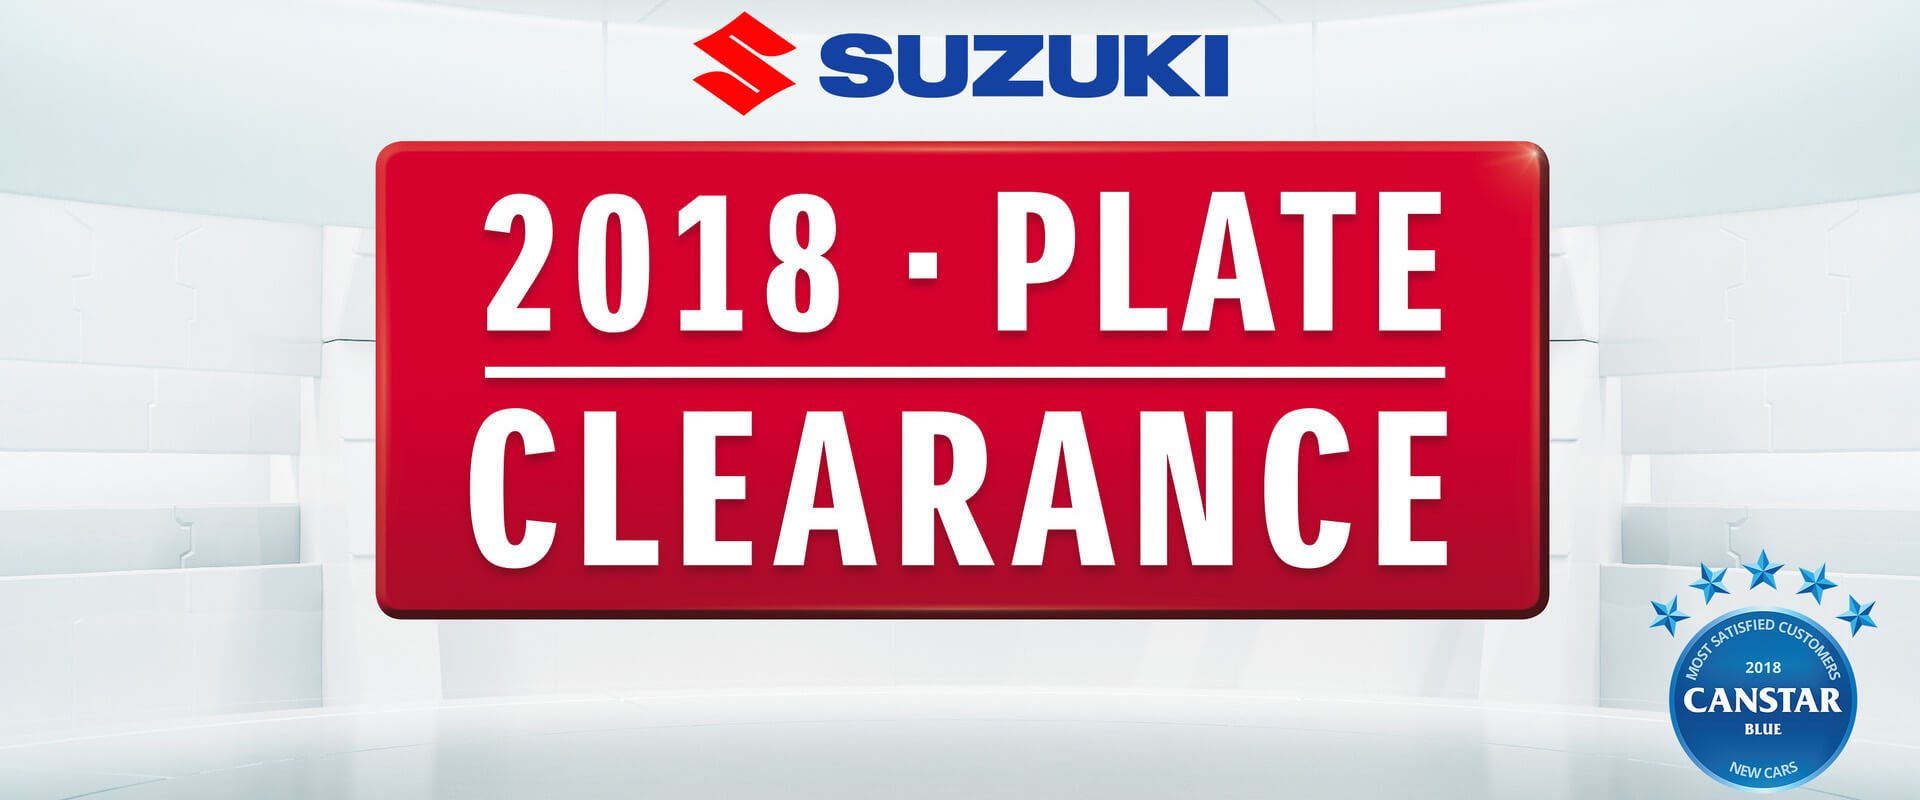 Suzuki 2018 Plate Clearance